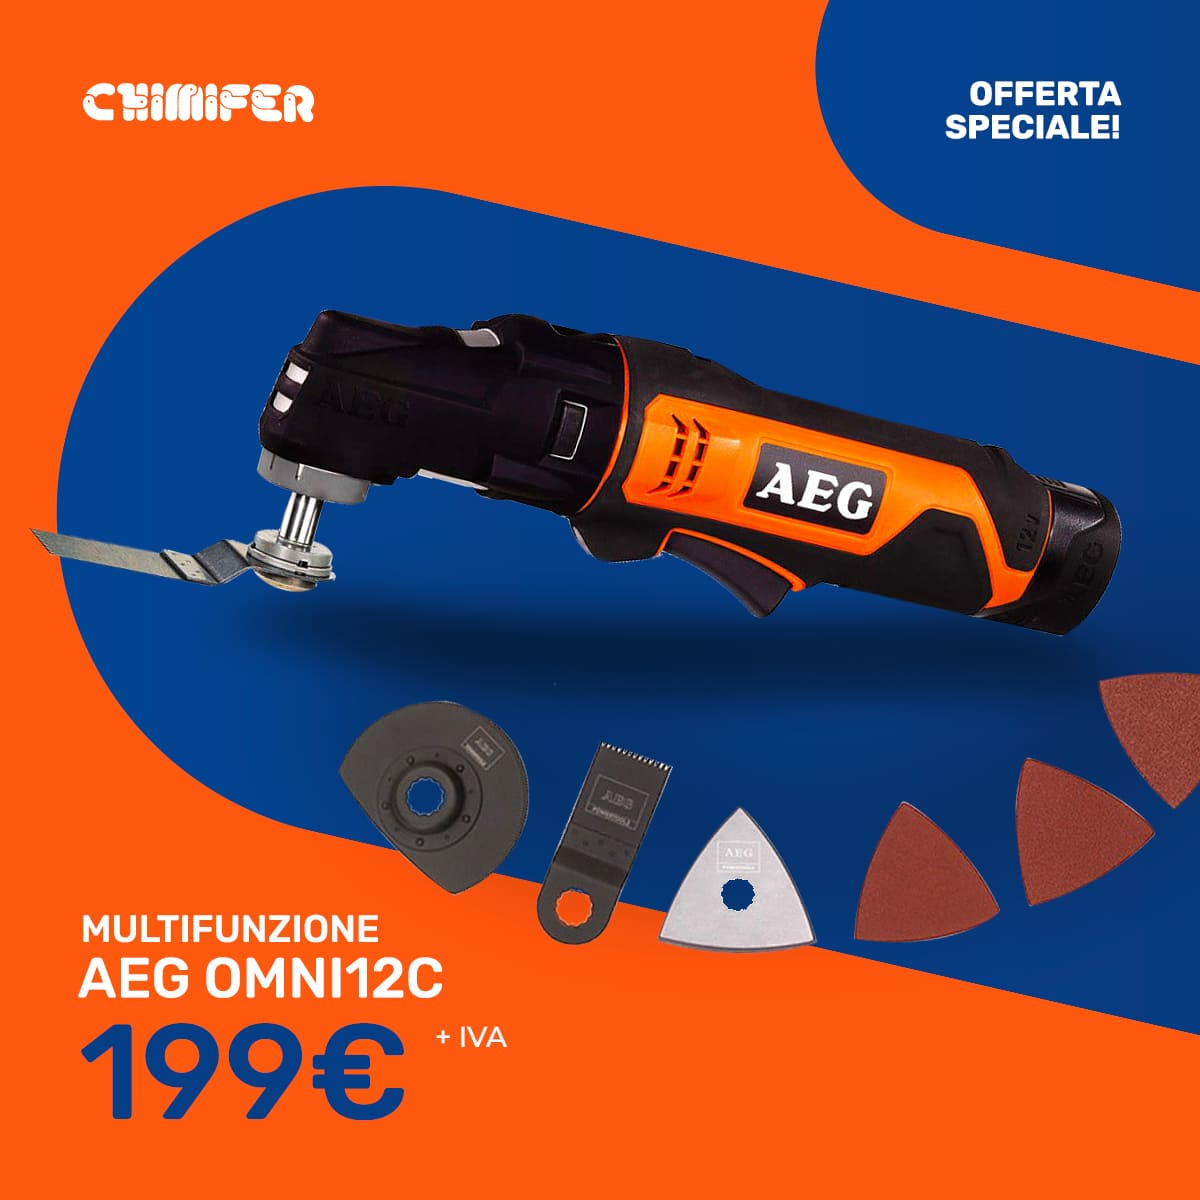 Multifunzione-Aeg-omni-12c-offerta-chimifer